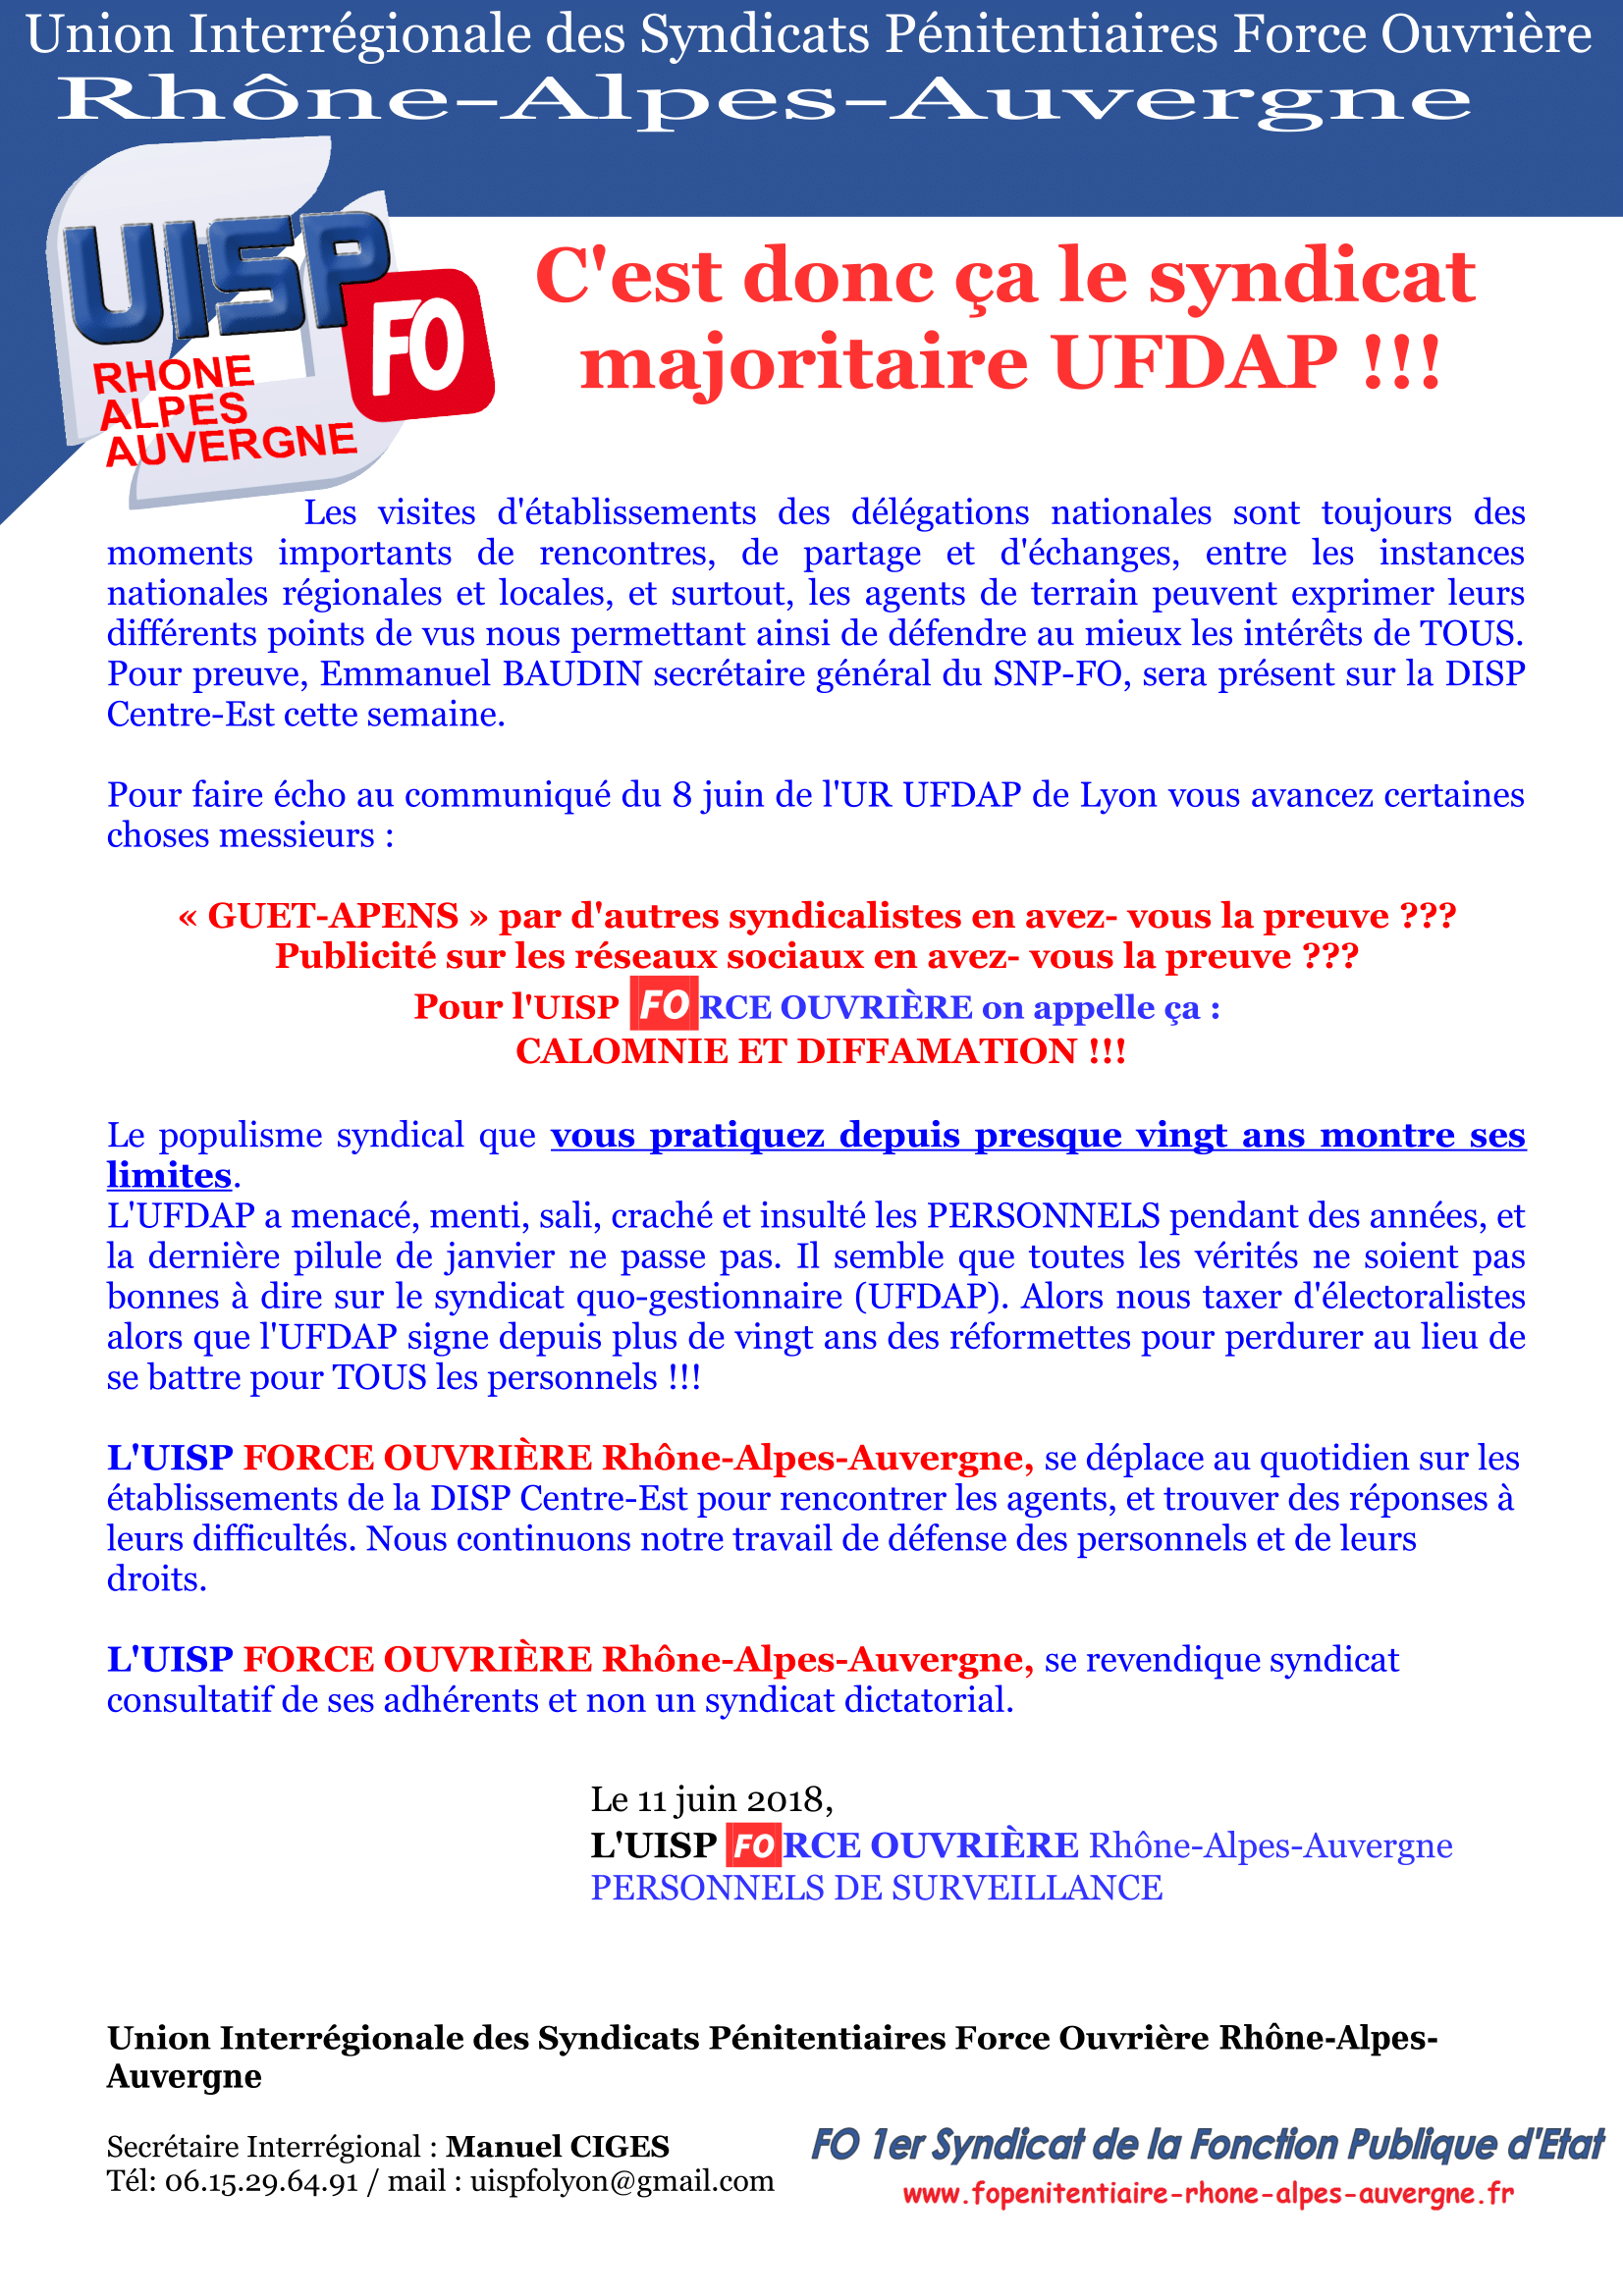 UISP FO-1